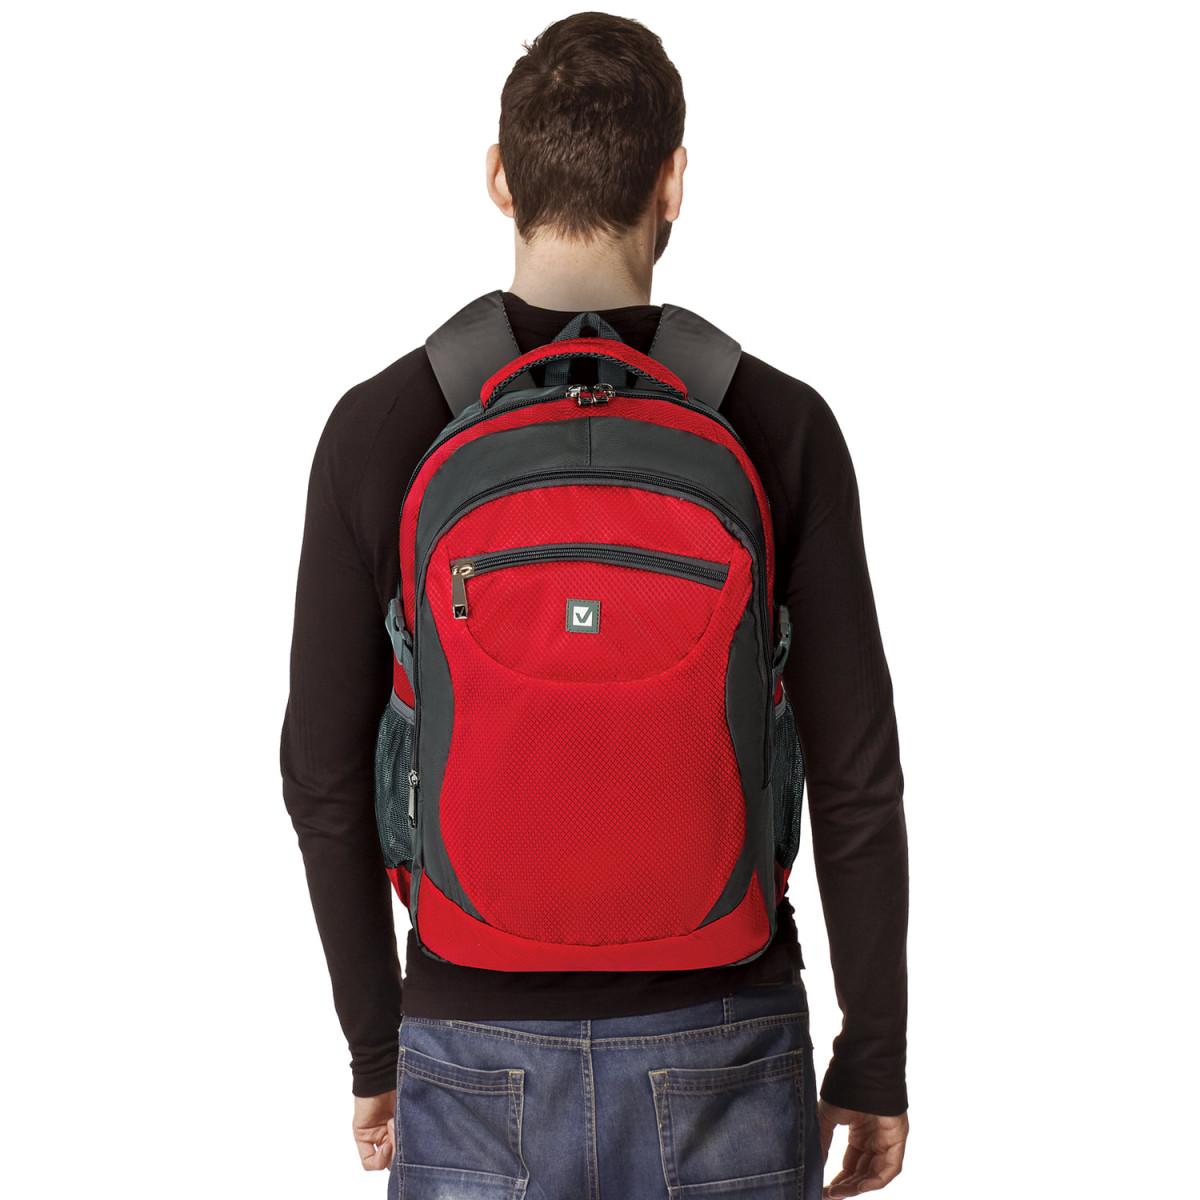 """Рюкзак для школы и офиса BRAUBERG """"StreetBall 2"""", 30 л, размер 48х34х18 см, ткань, серо-красный, 224452 (арт. 224452)"""